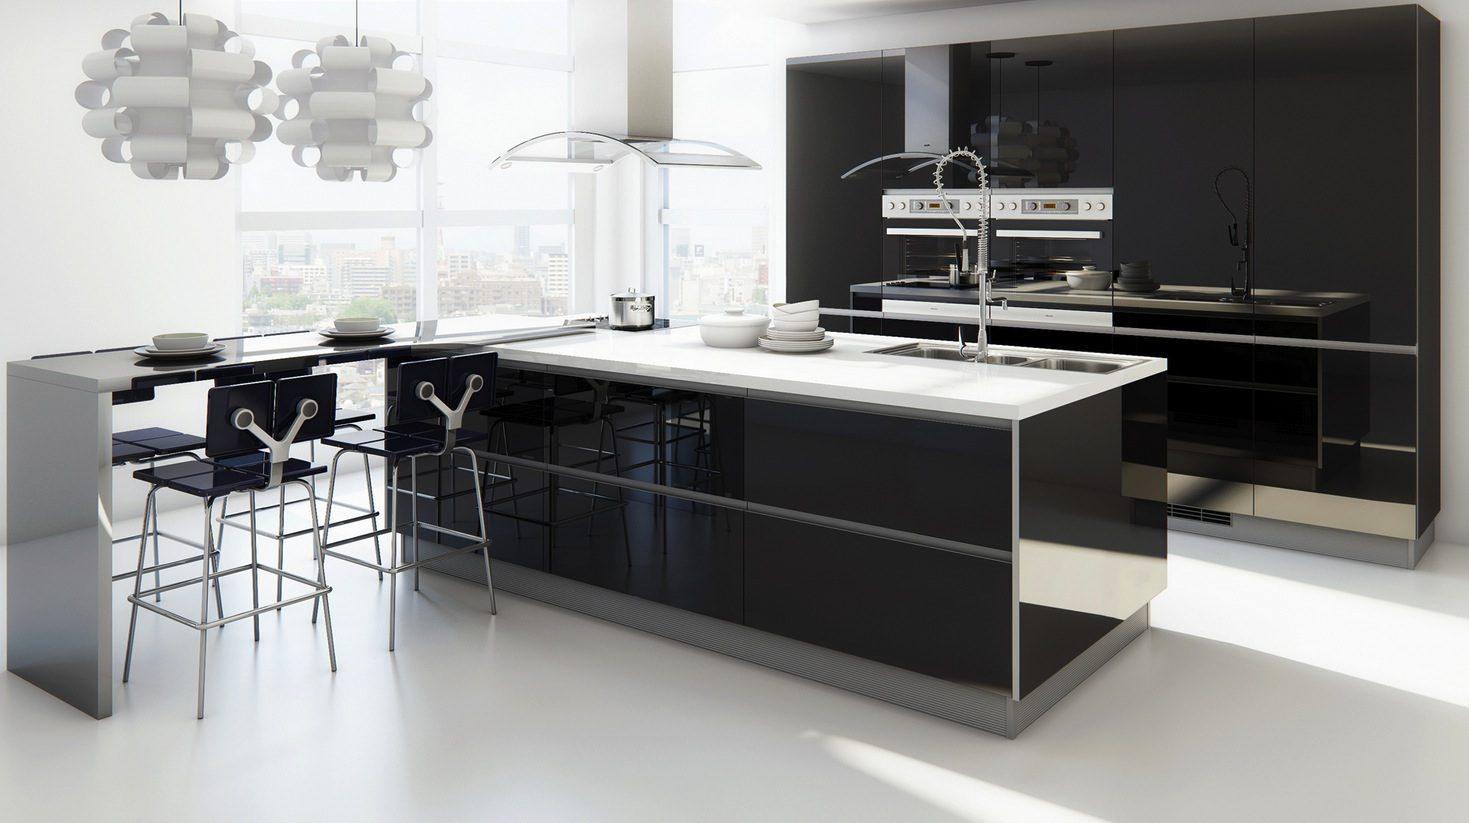 Muebles de cocina modernos sin tiradores for Cocina comedor modernos fotos